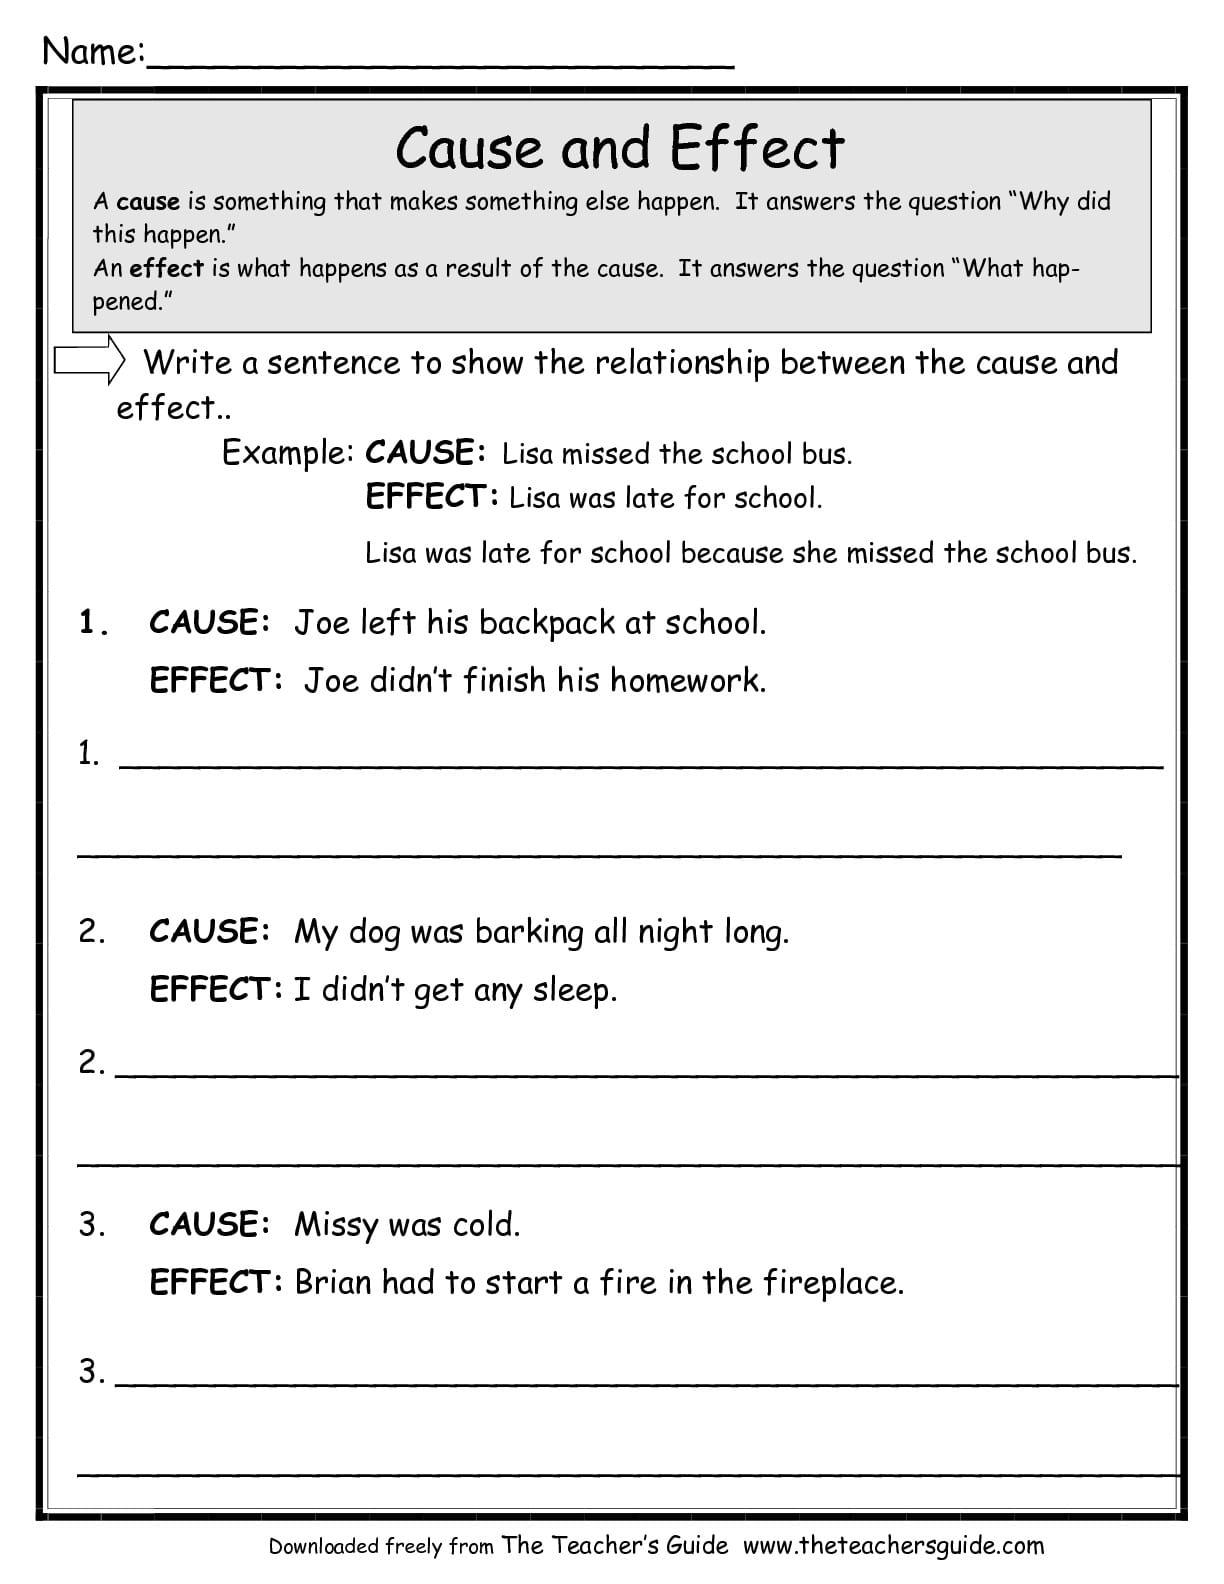 Worksheet Templates For Teachers